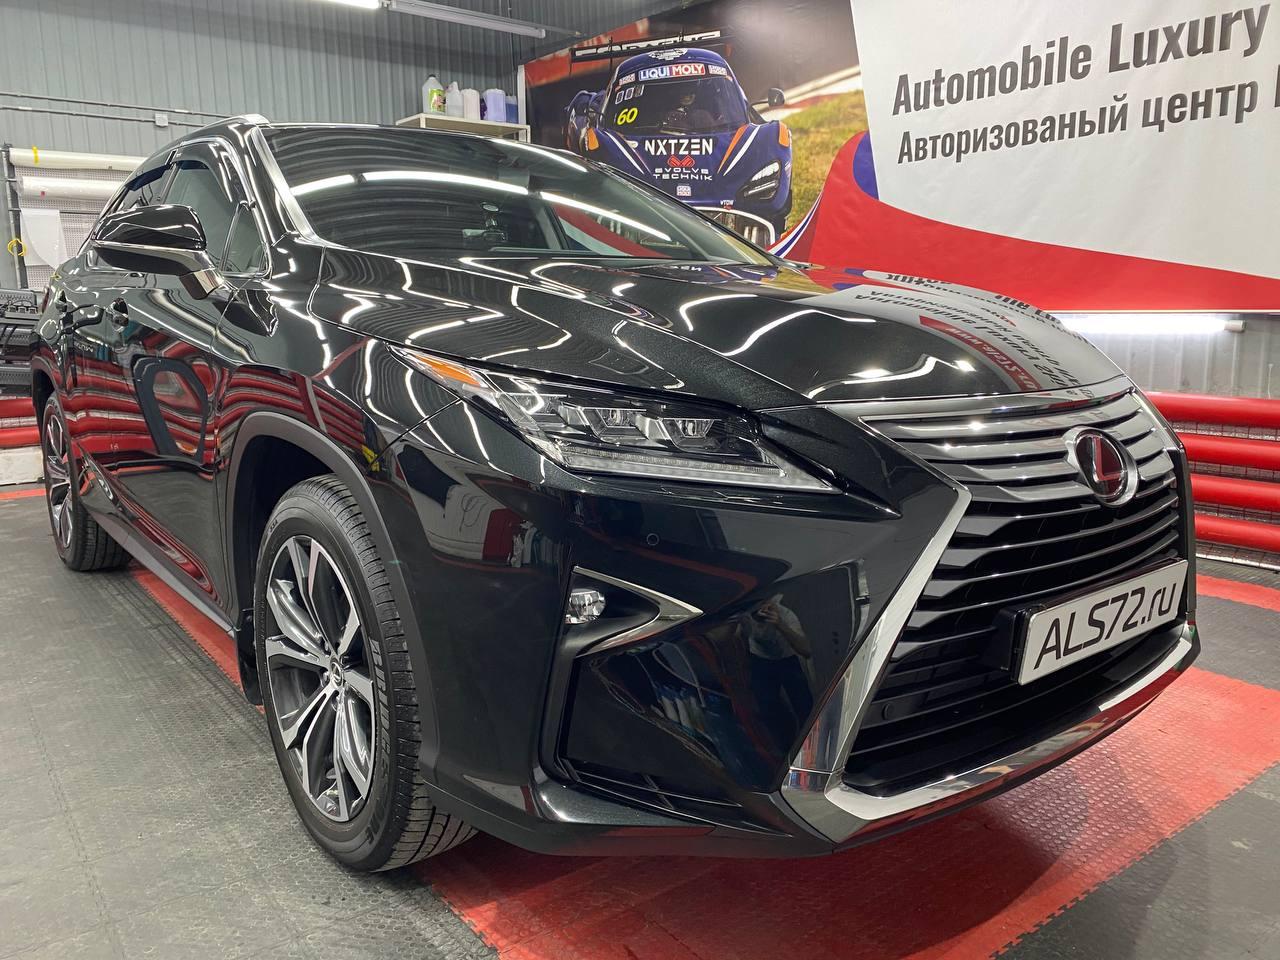 Новый Lexus RX300: установка керамической защиты